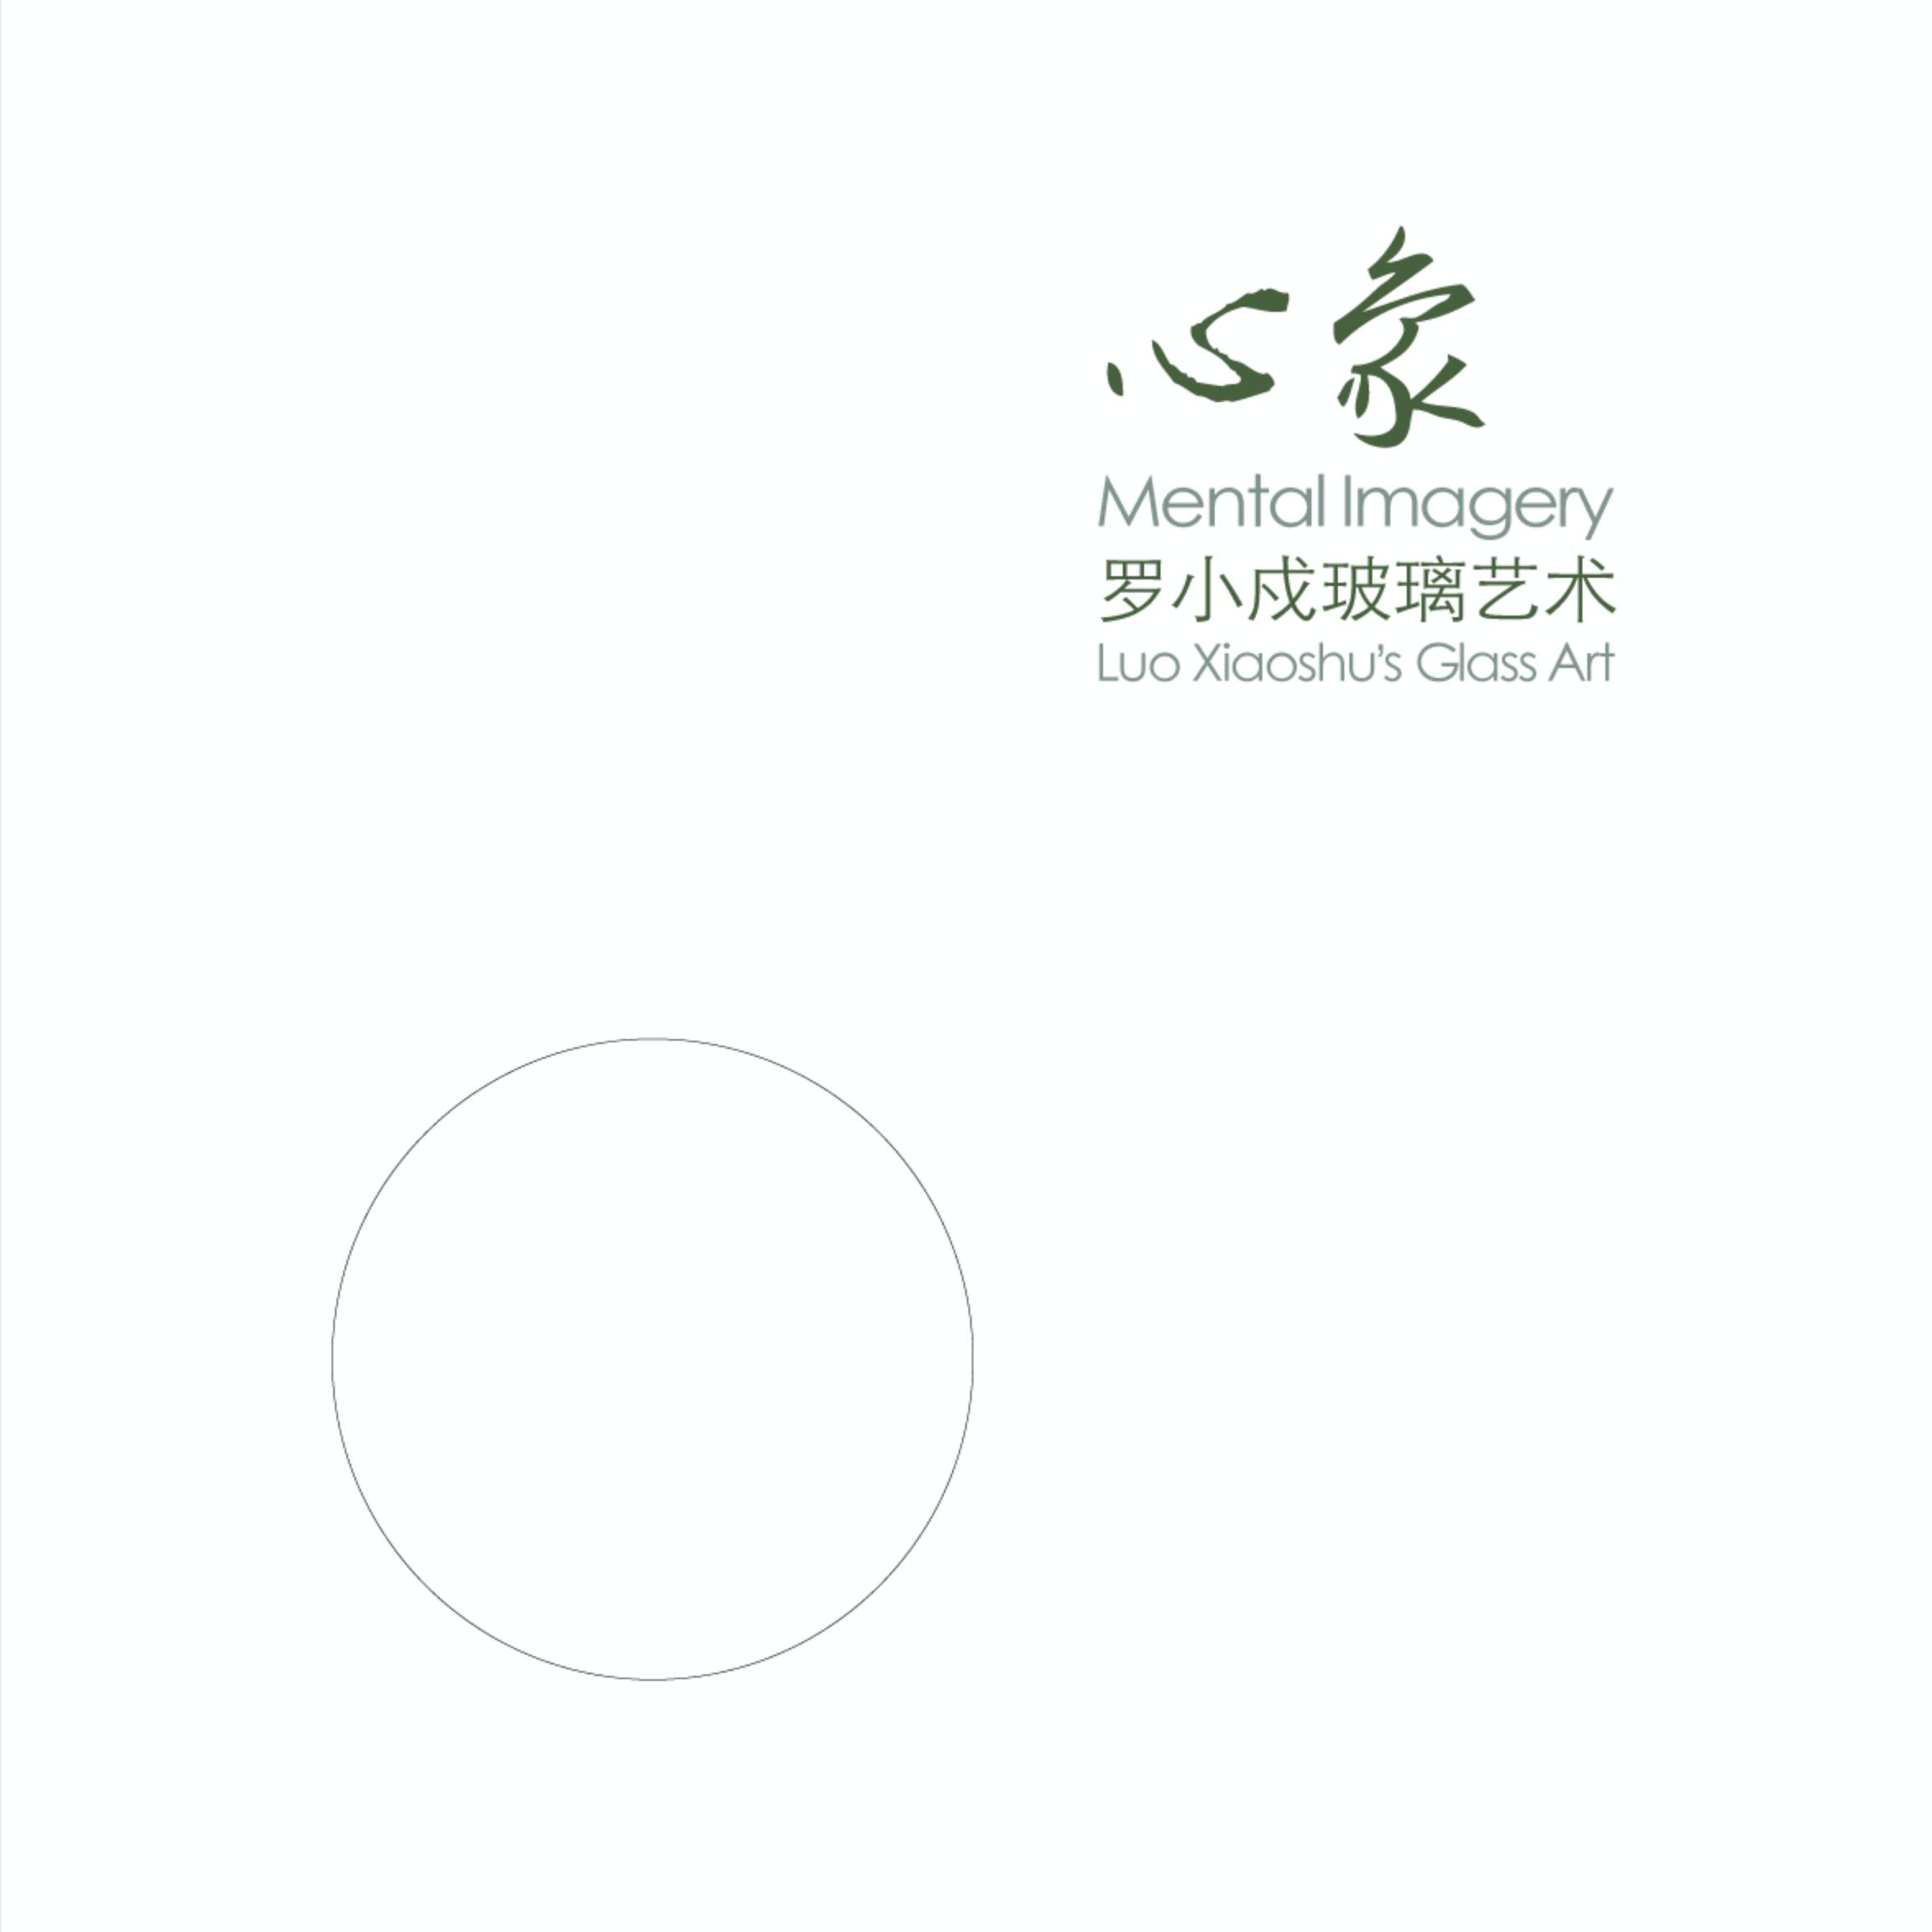 2012 – 心象 罗小戍玻璃艺术